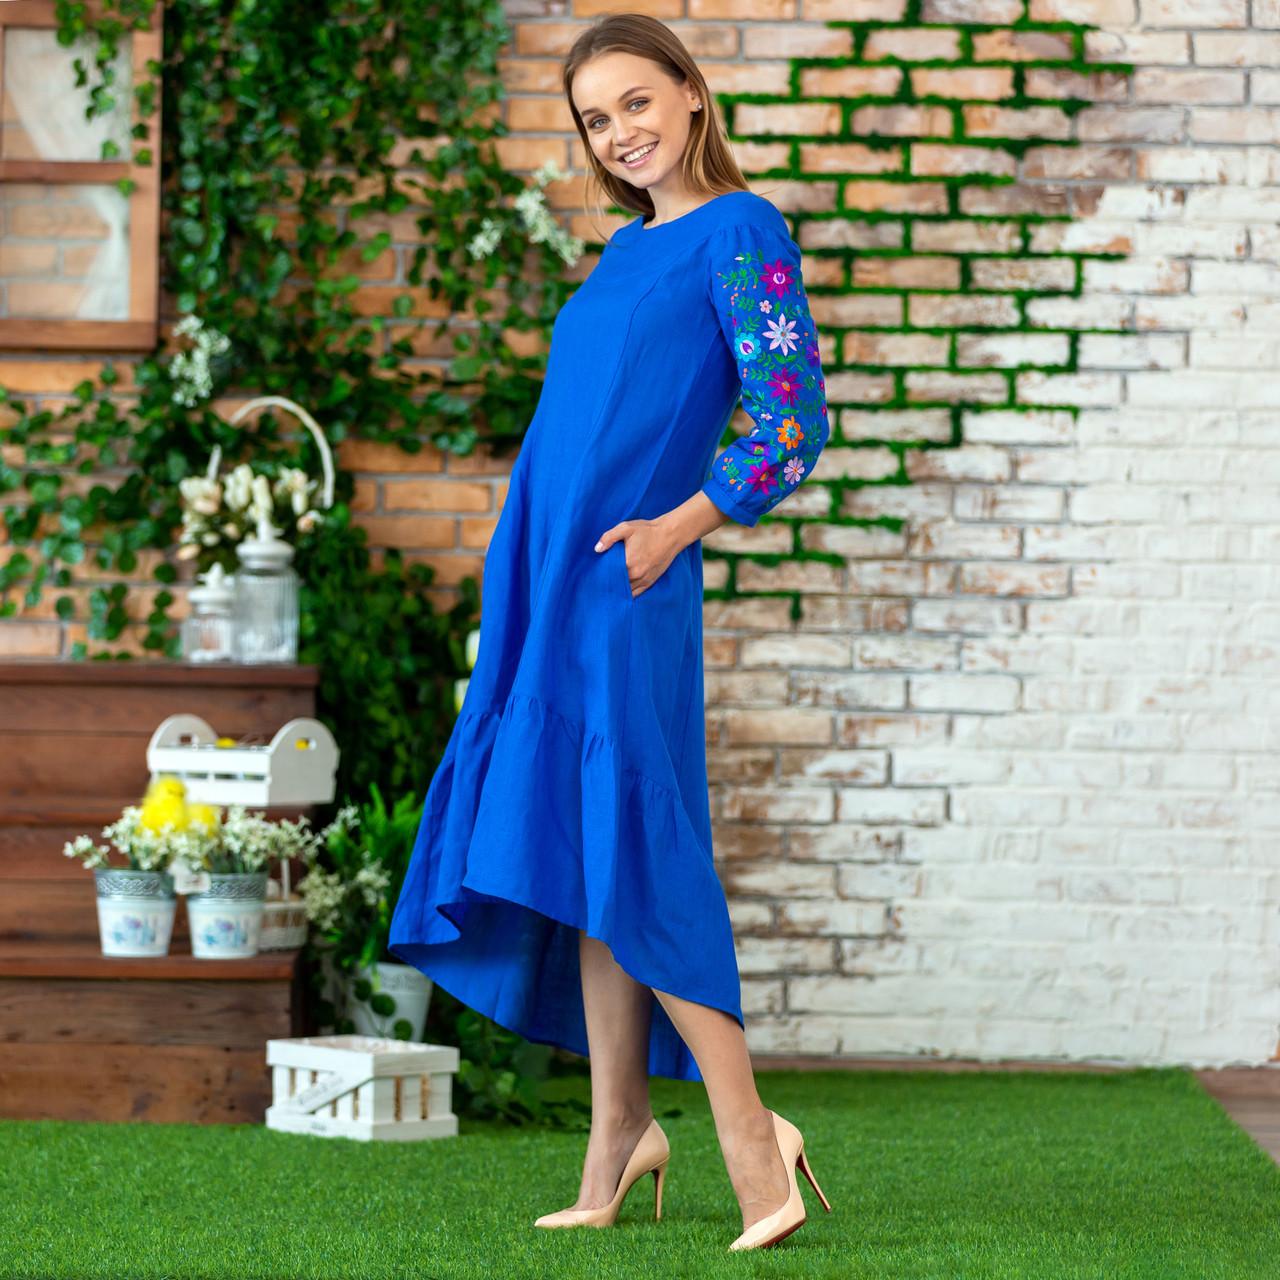 Жіноча лляна сукня вишиванка  блакитна Брітні